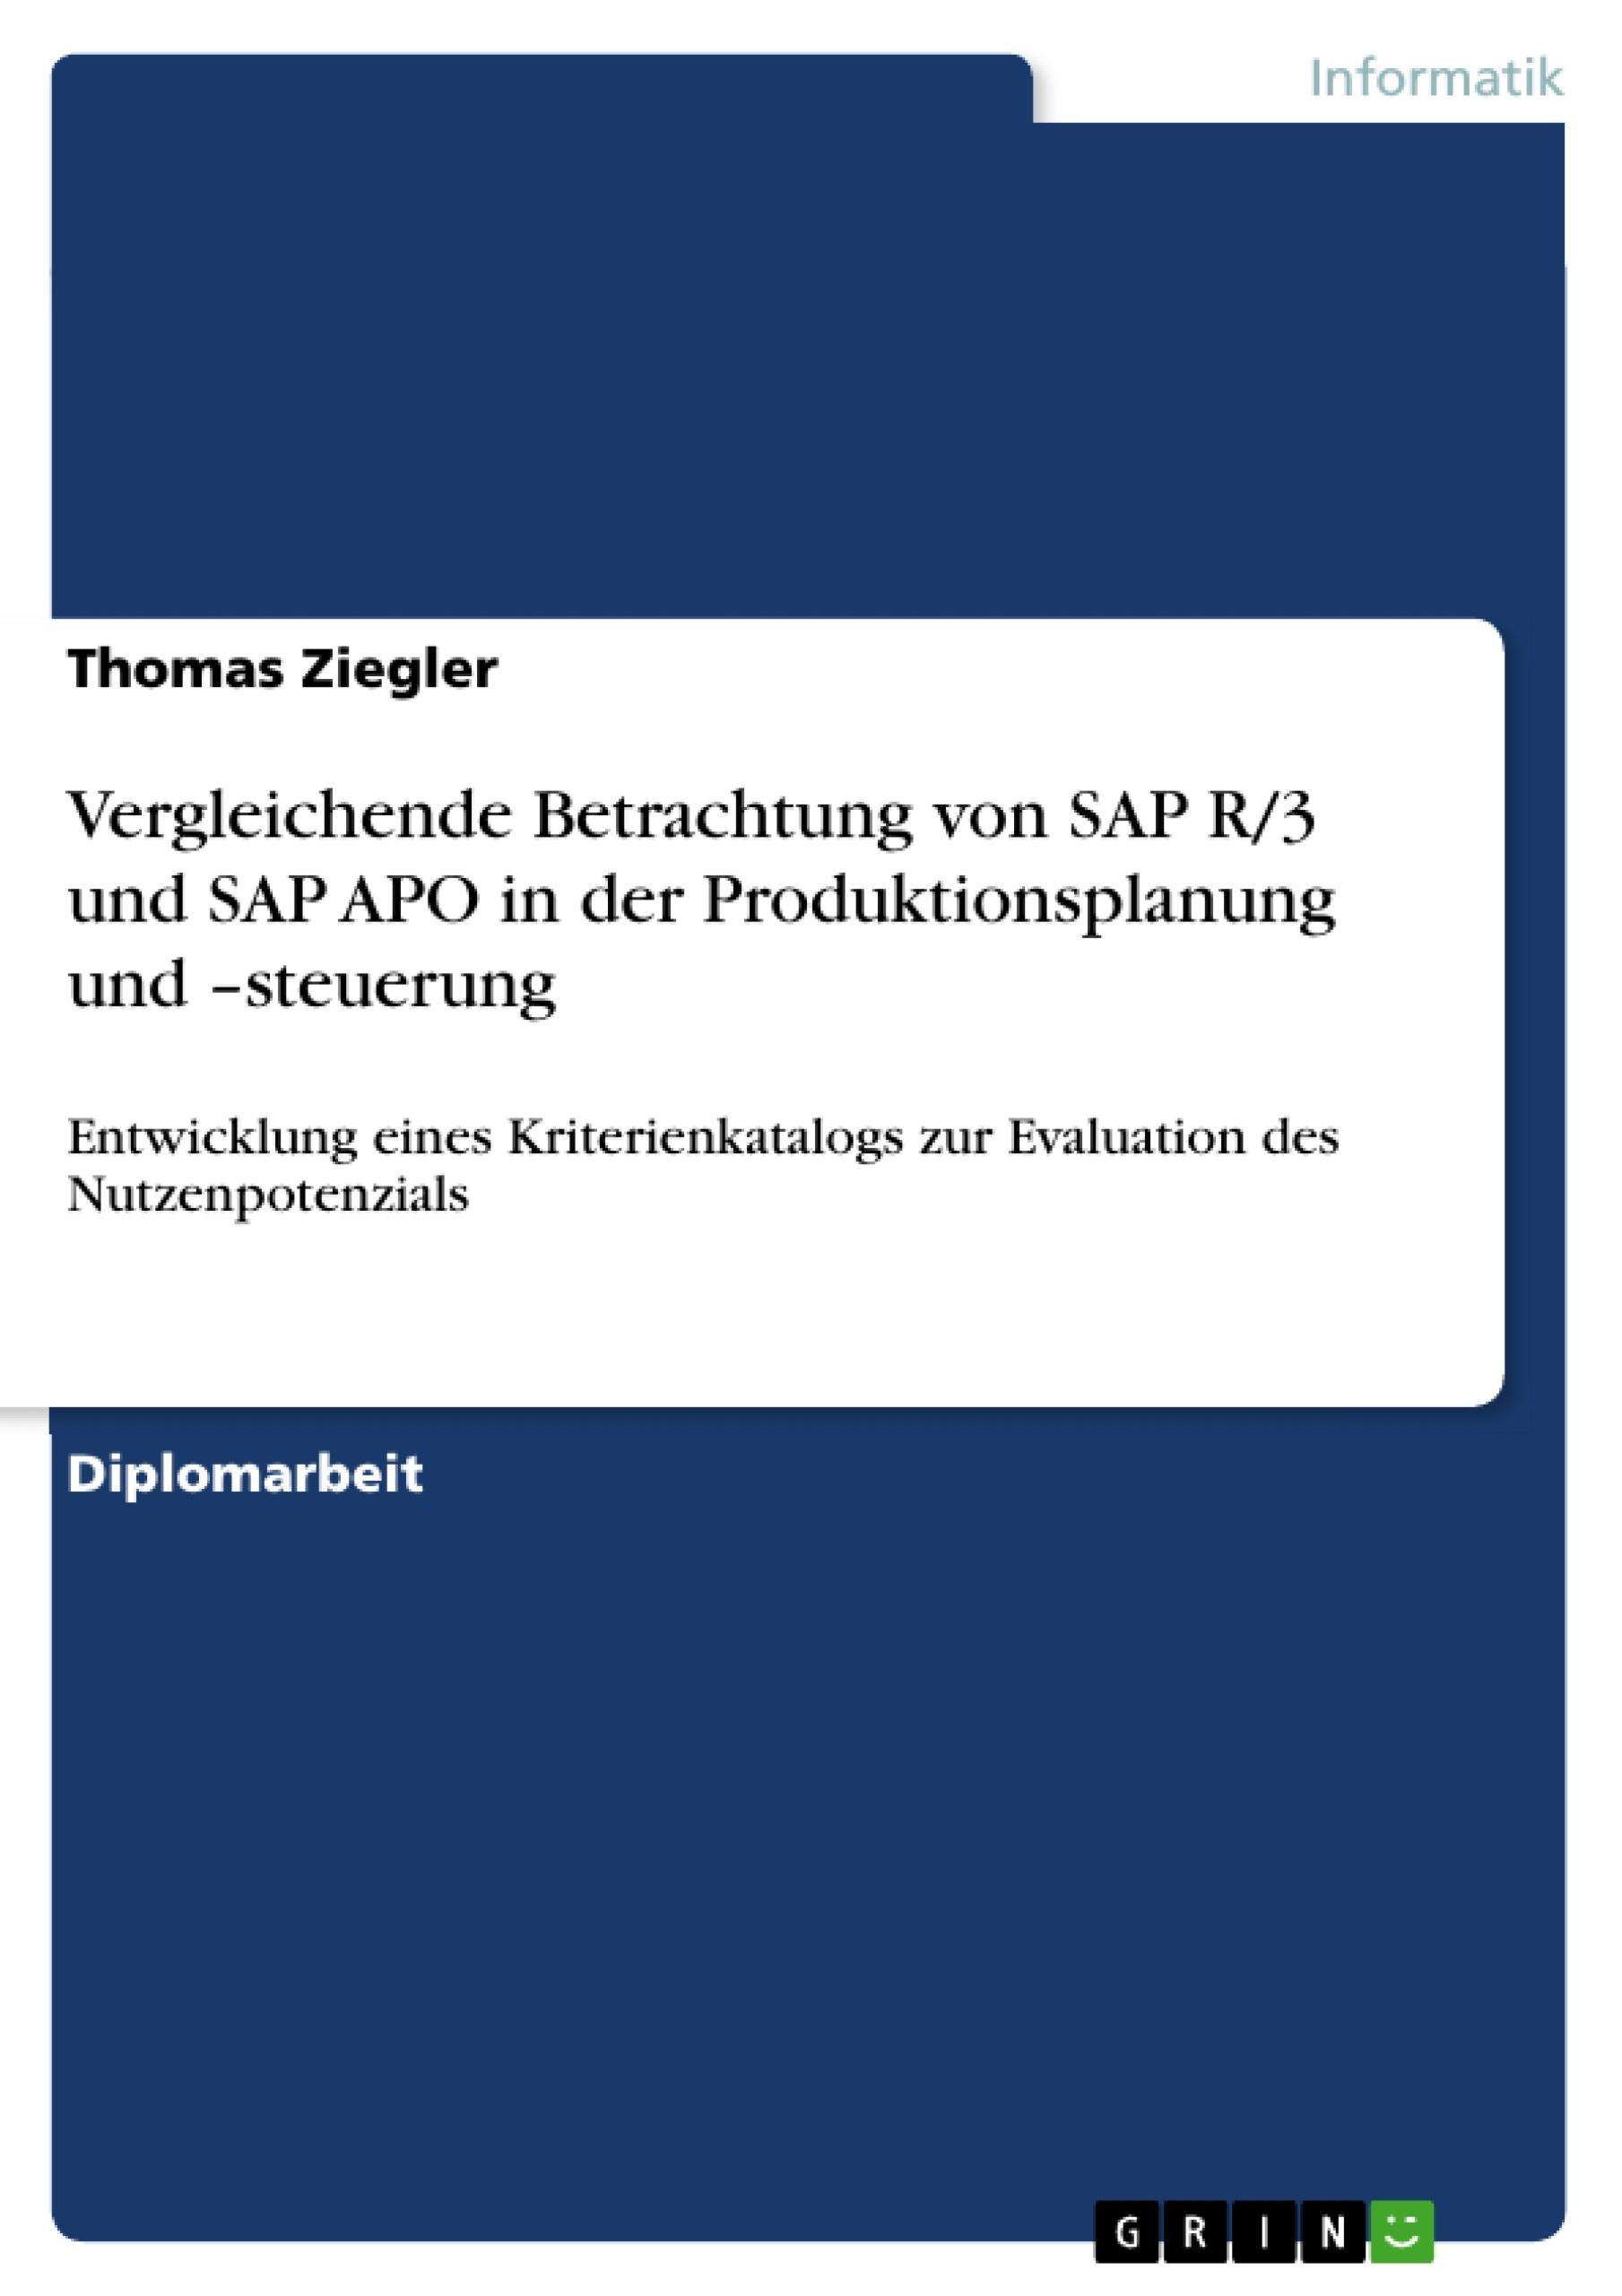 Titel: Vergleichende Betrachtung von SAP R/3 und SAP APO in der Produktionsplanung und –steuerung